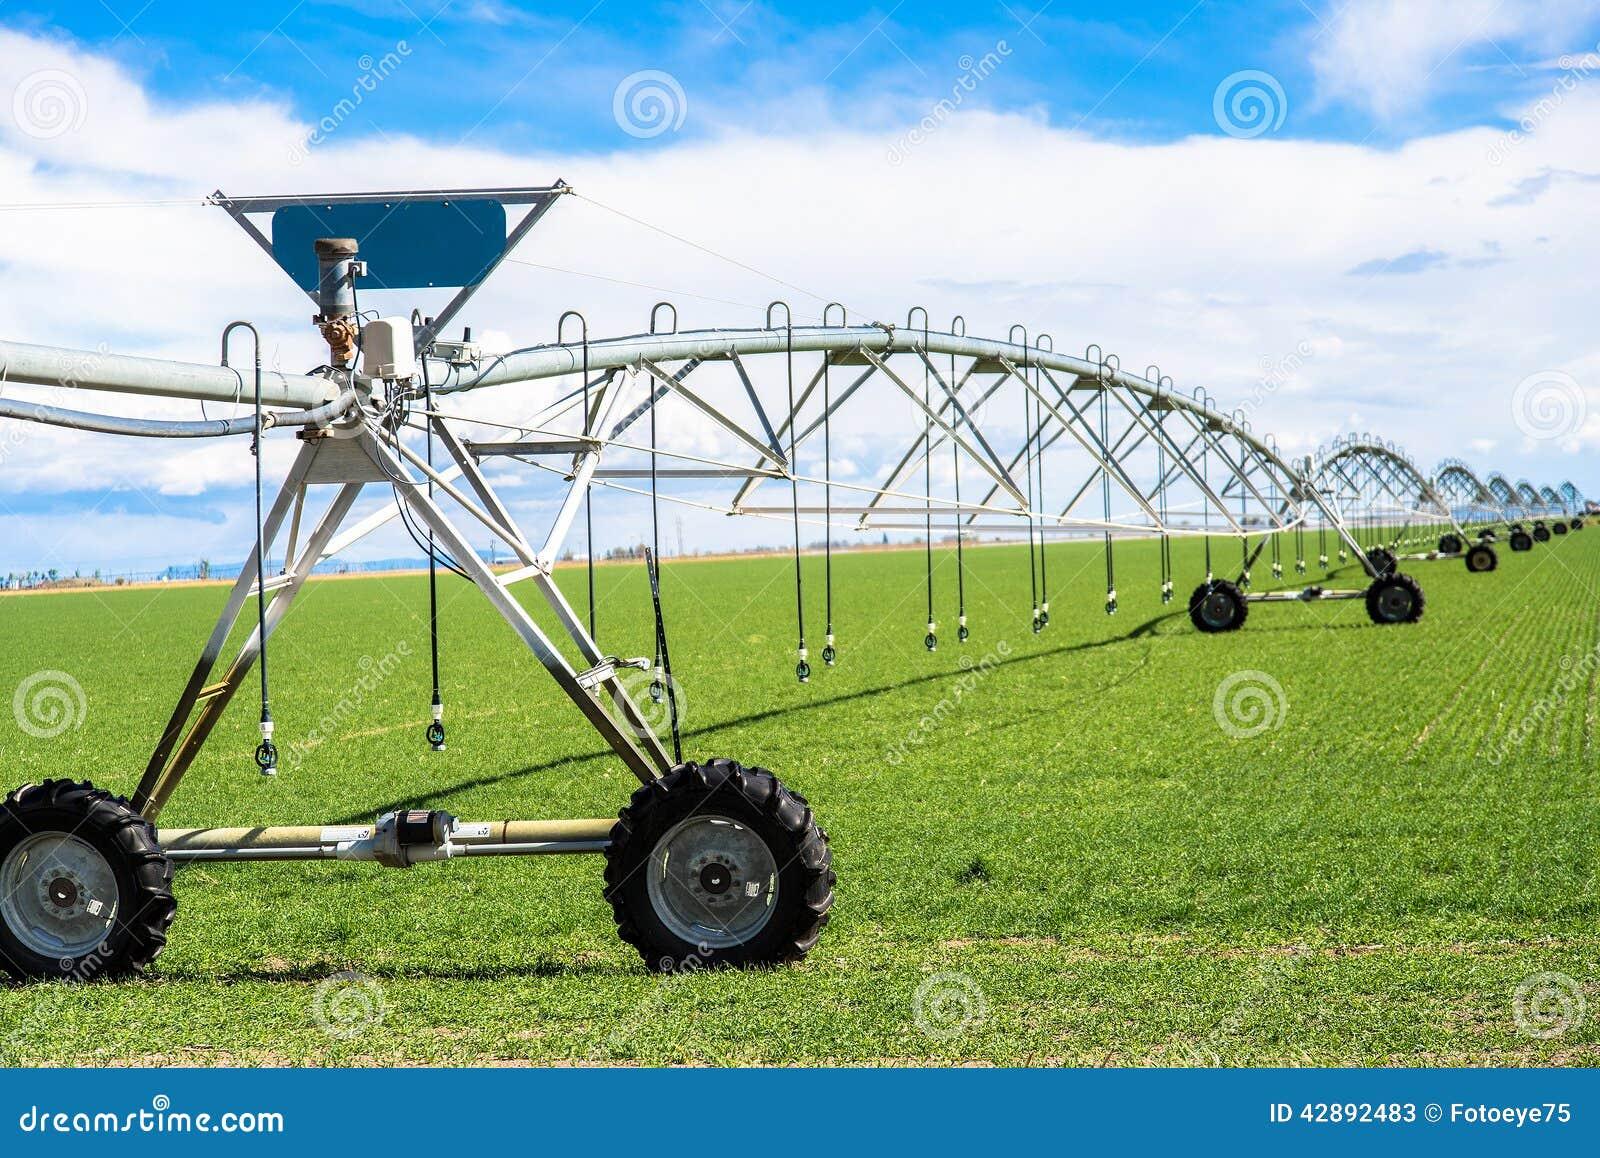 irrigatori per campi agricoli dispositivo arresto motori